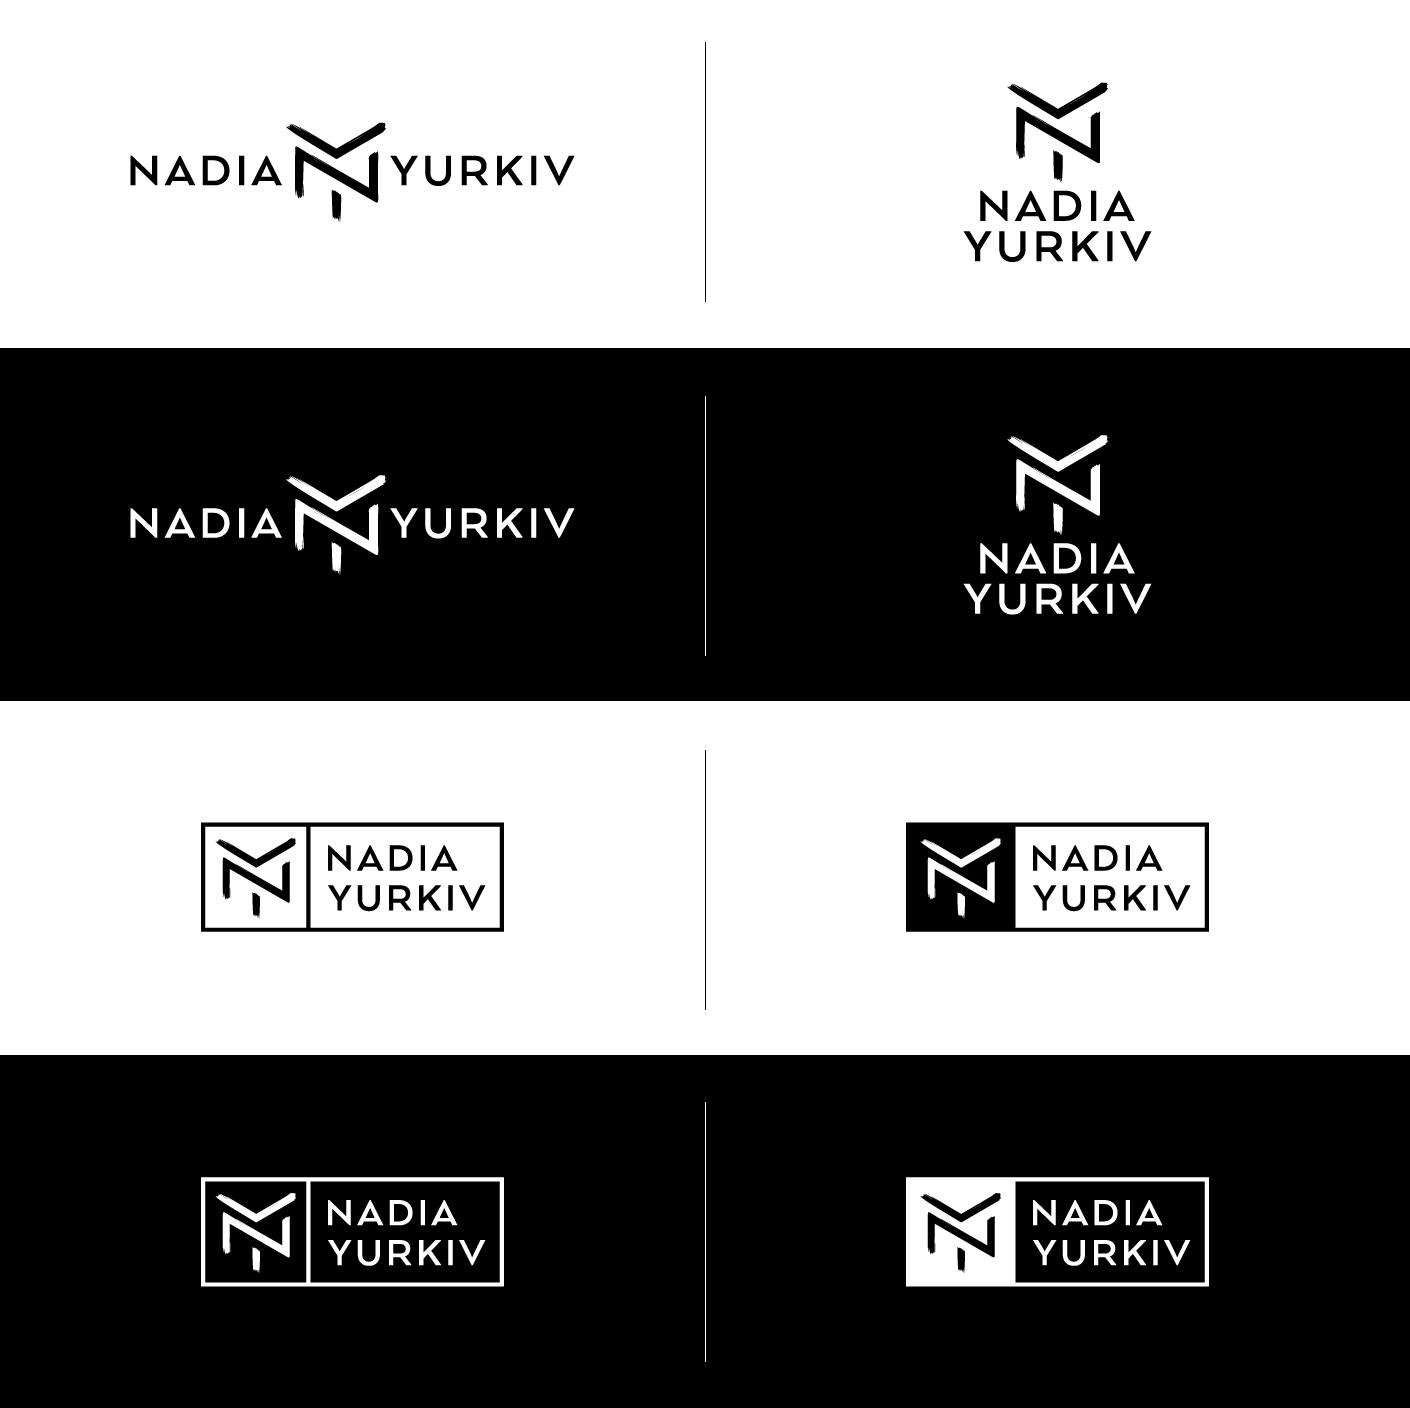 Nadia-Yurkiv-logo-variations